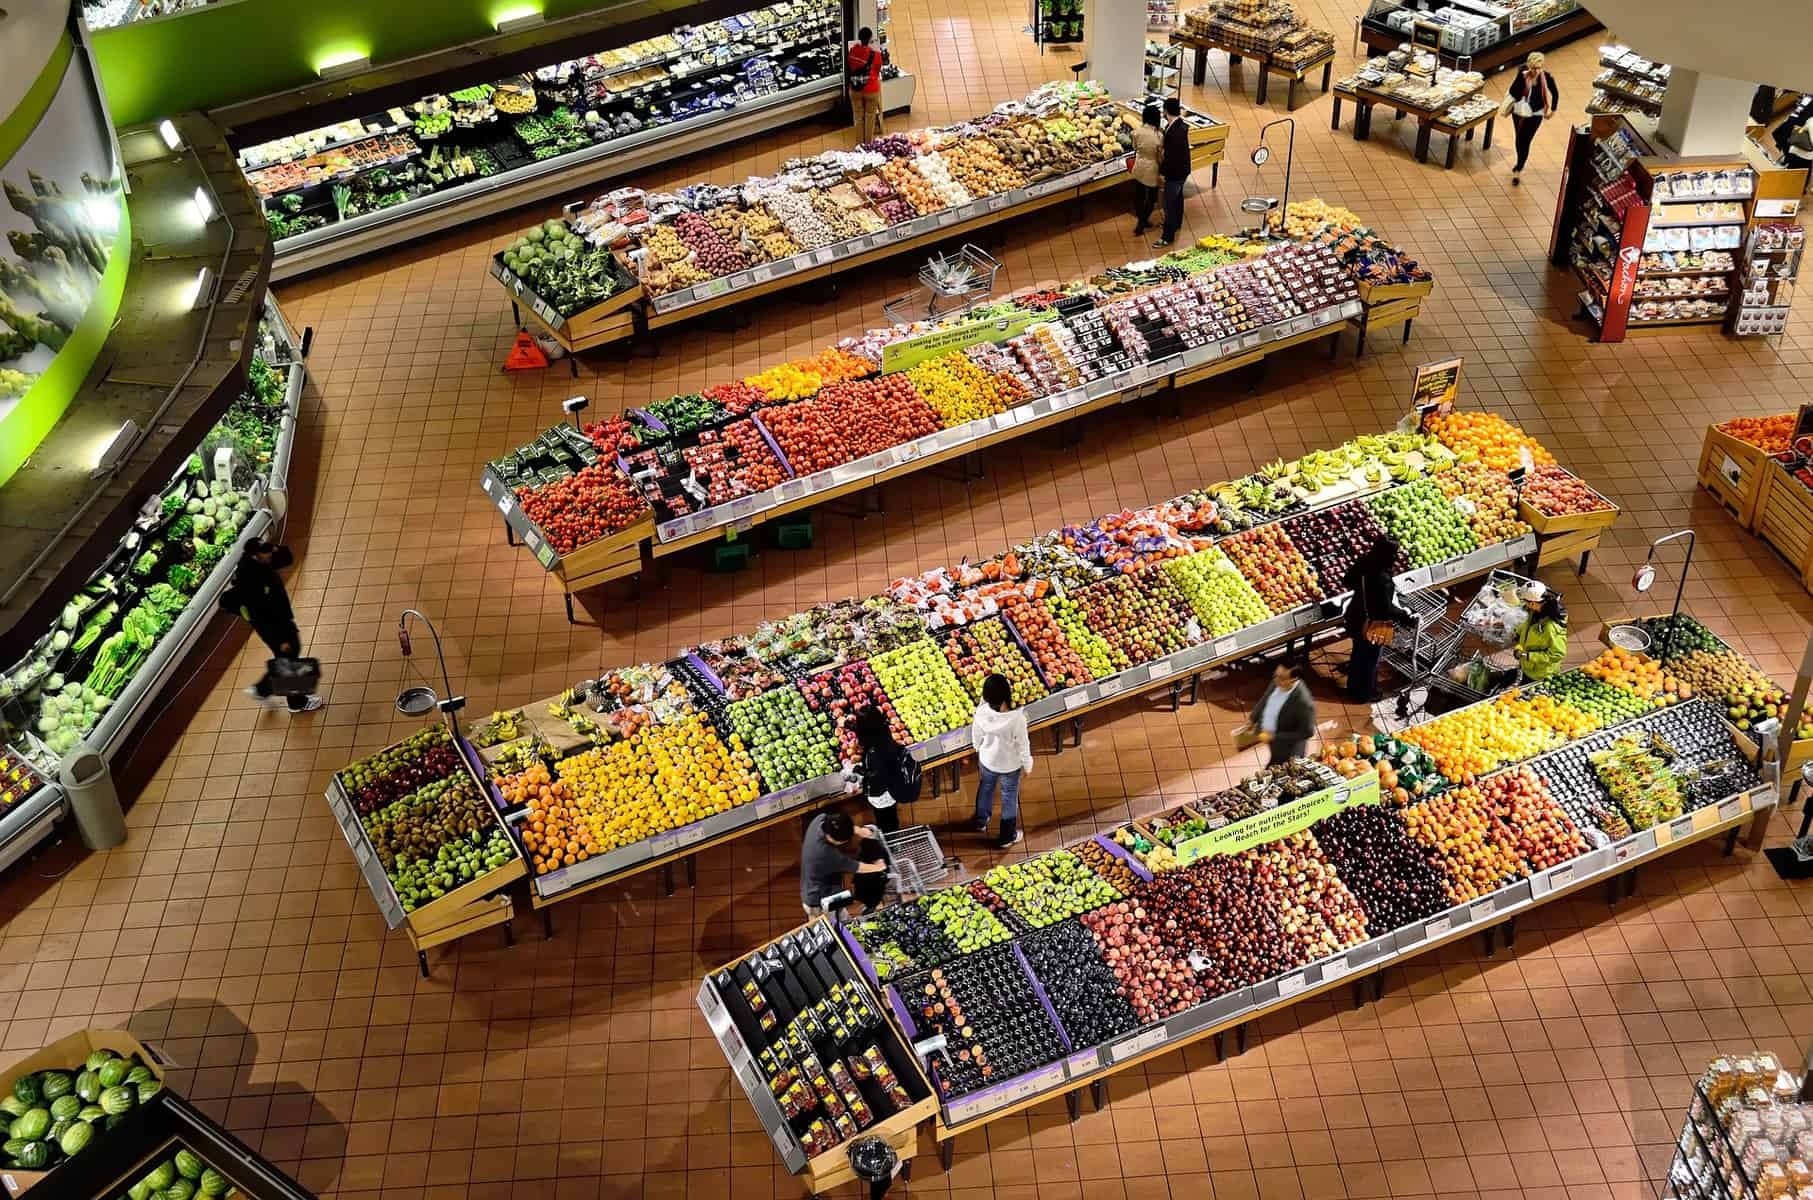 Toulouse : au supermarché, elle scanne 90 euros d'articles pour un caddie qui en vaut 900